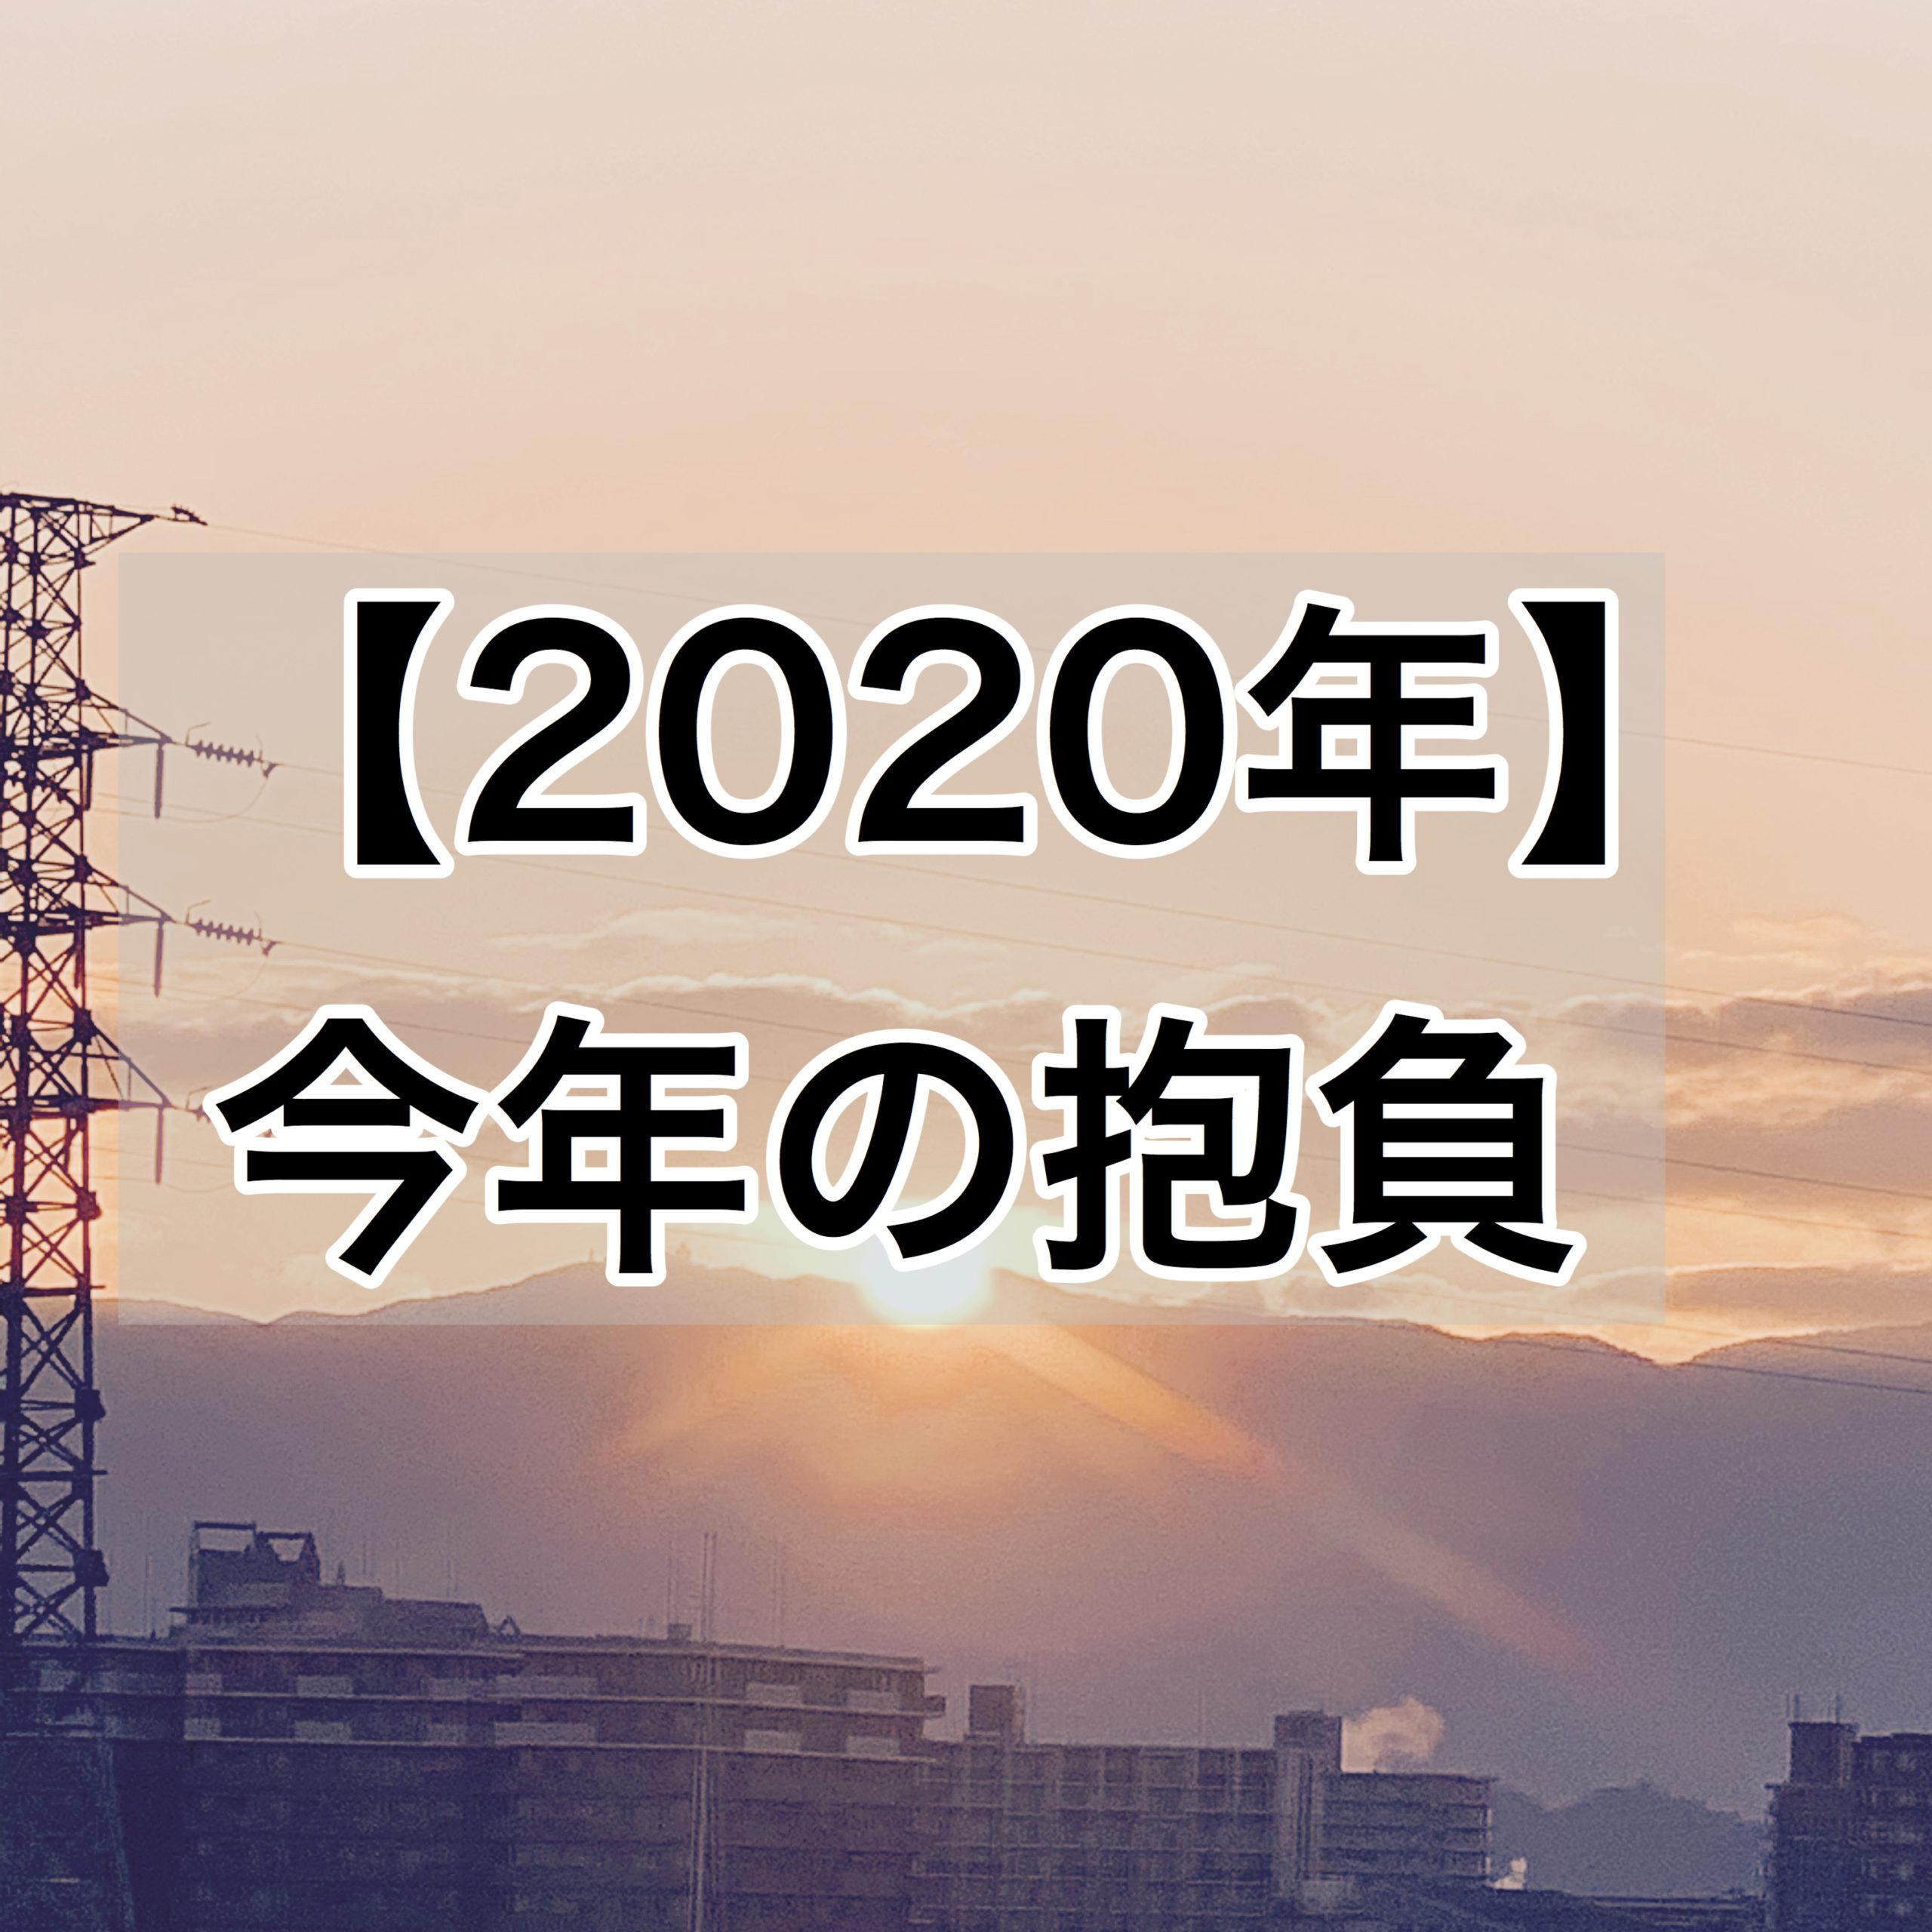 【2020年】今年の抱負